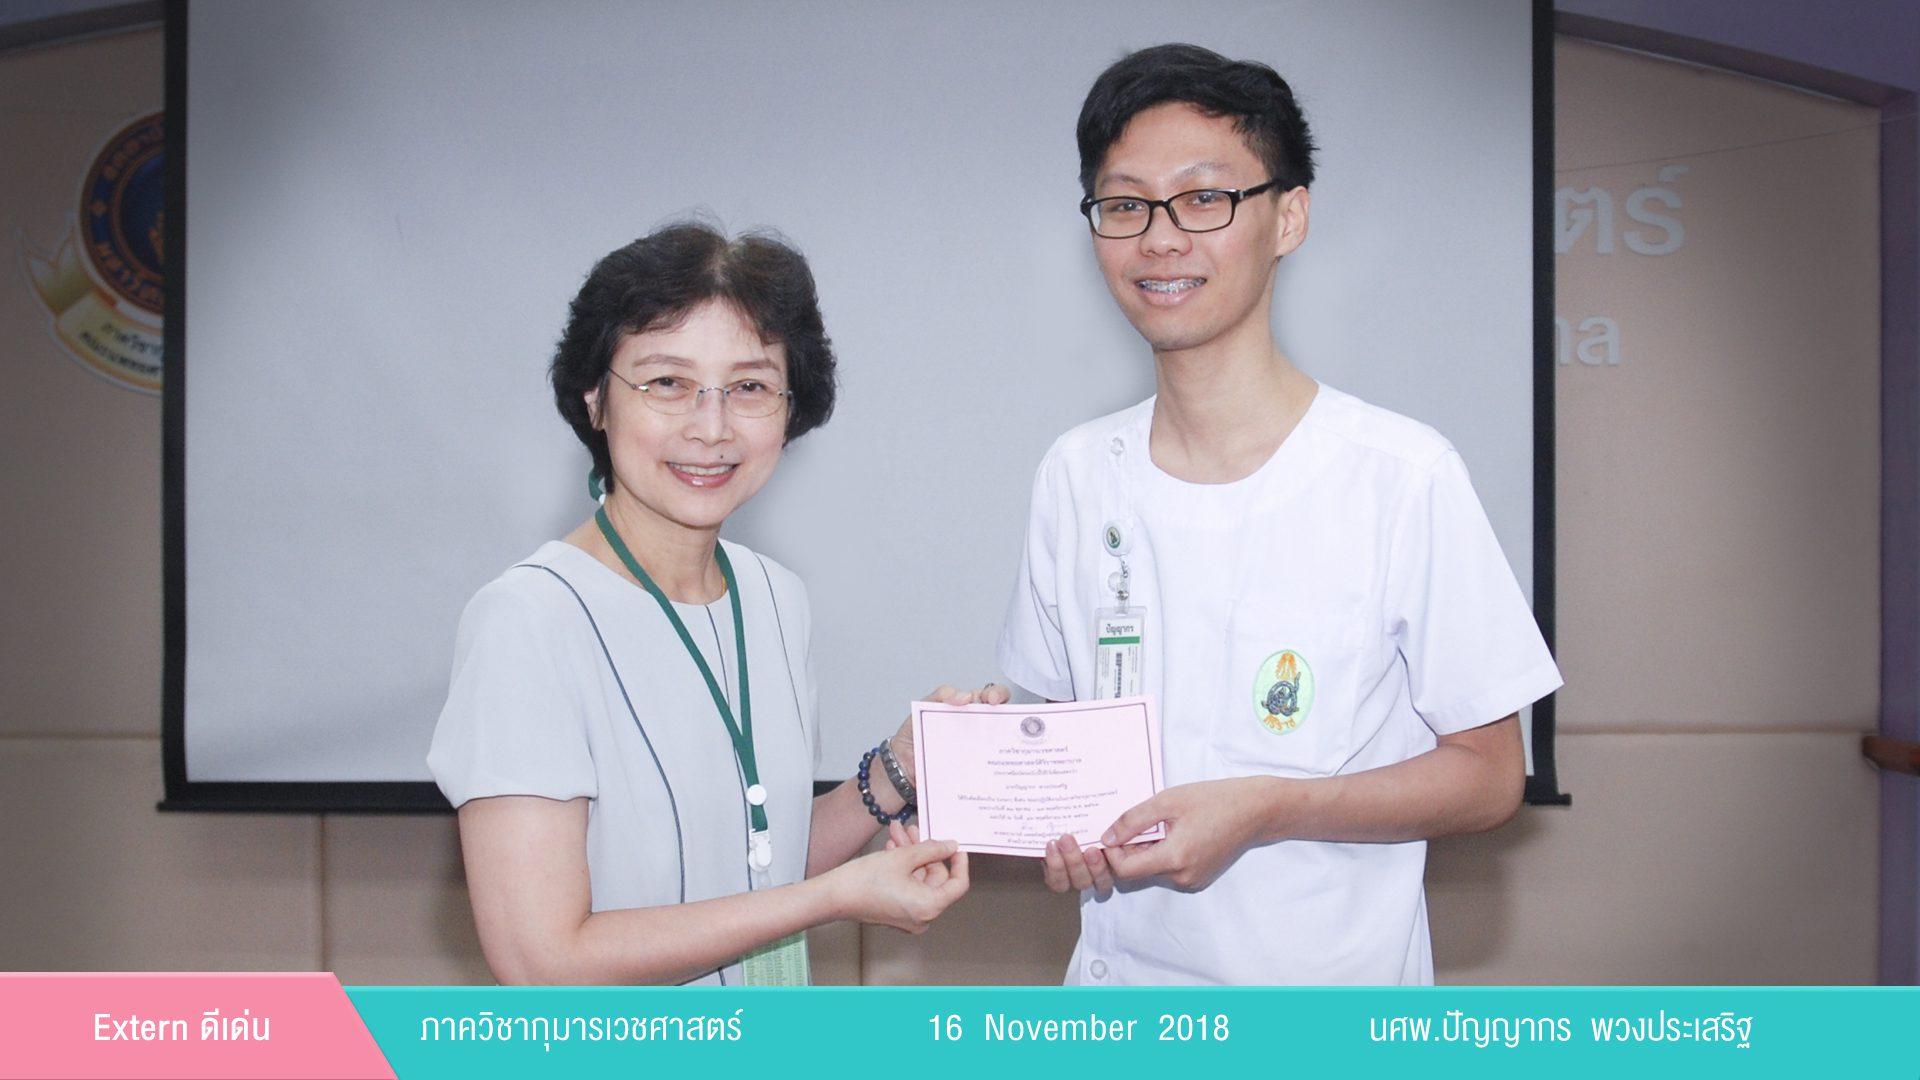 Excellent Extern Award